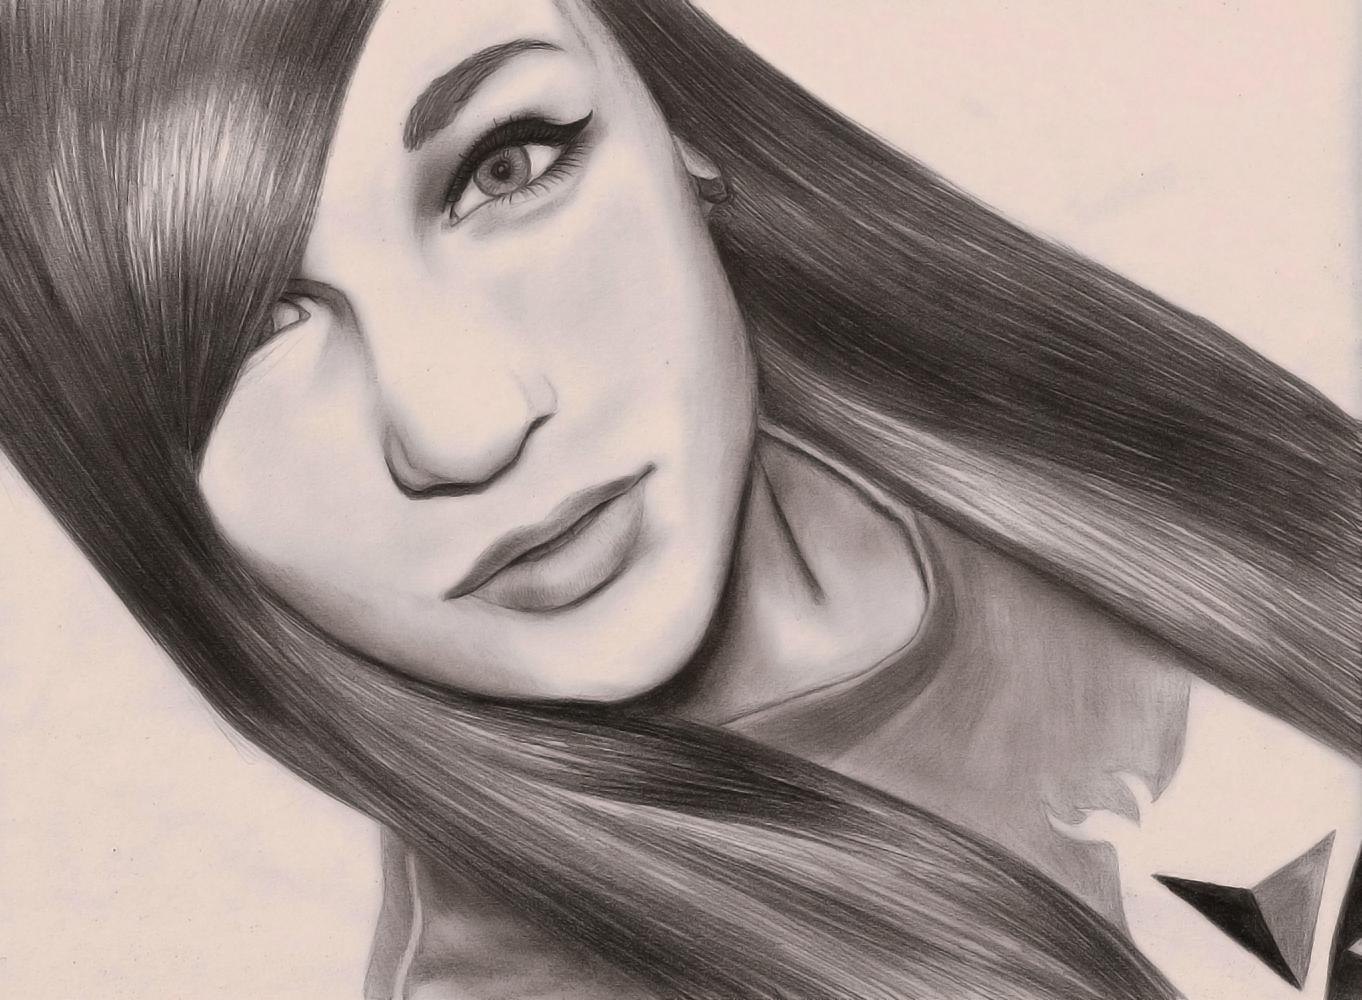 Pretty Girl By A0LANI On DeviantArt